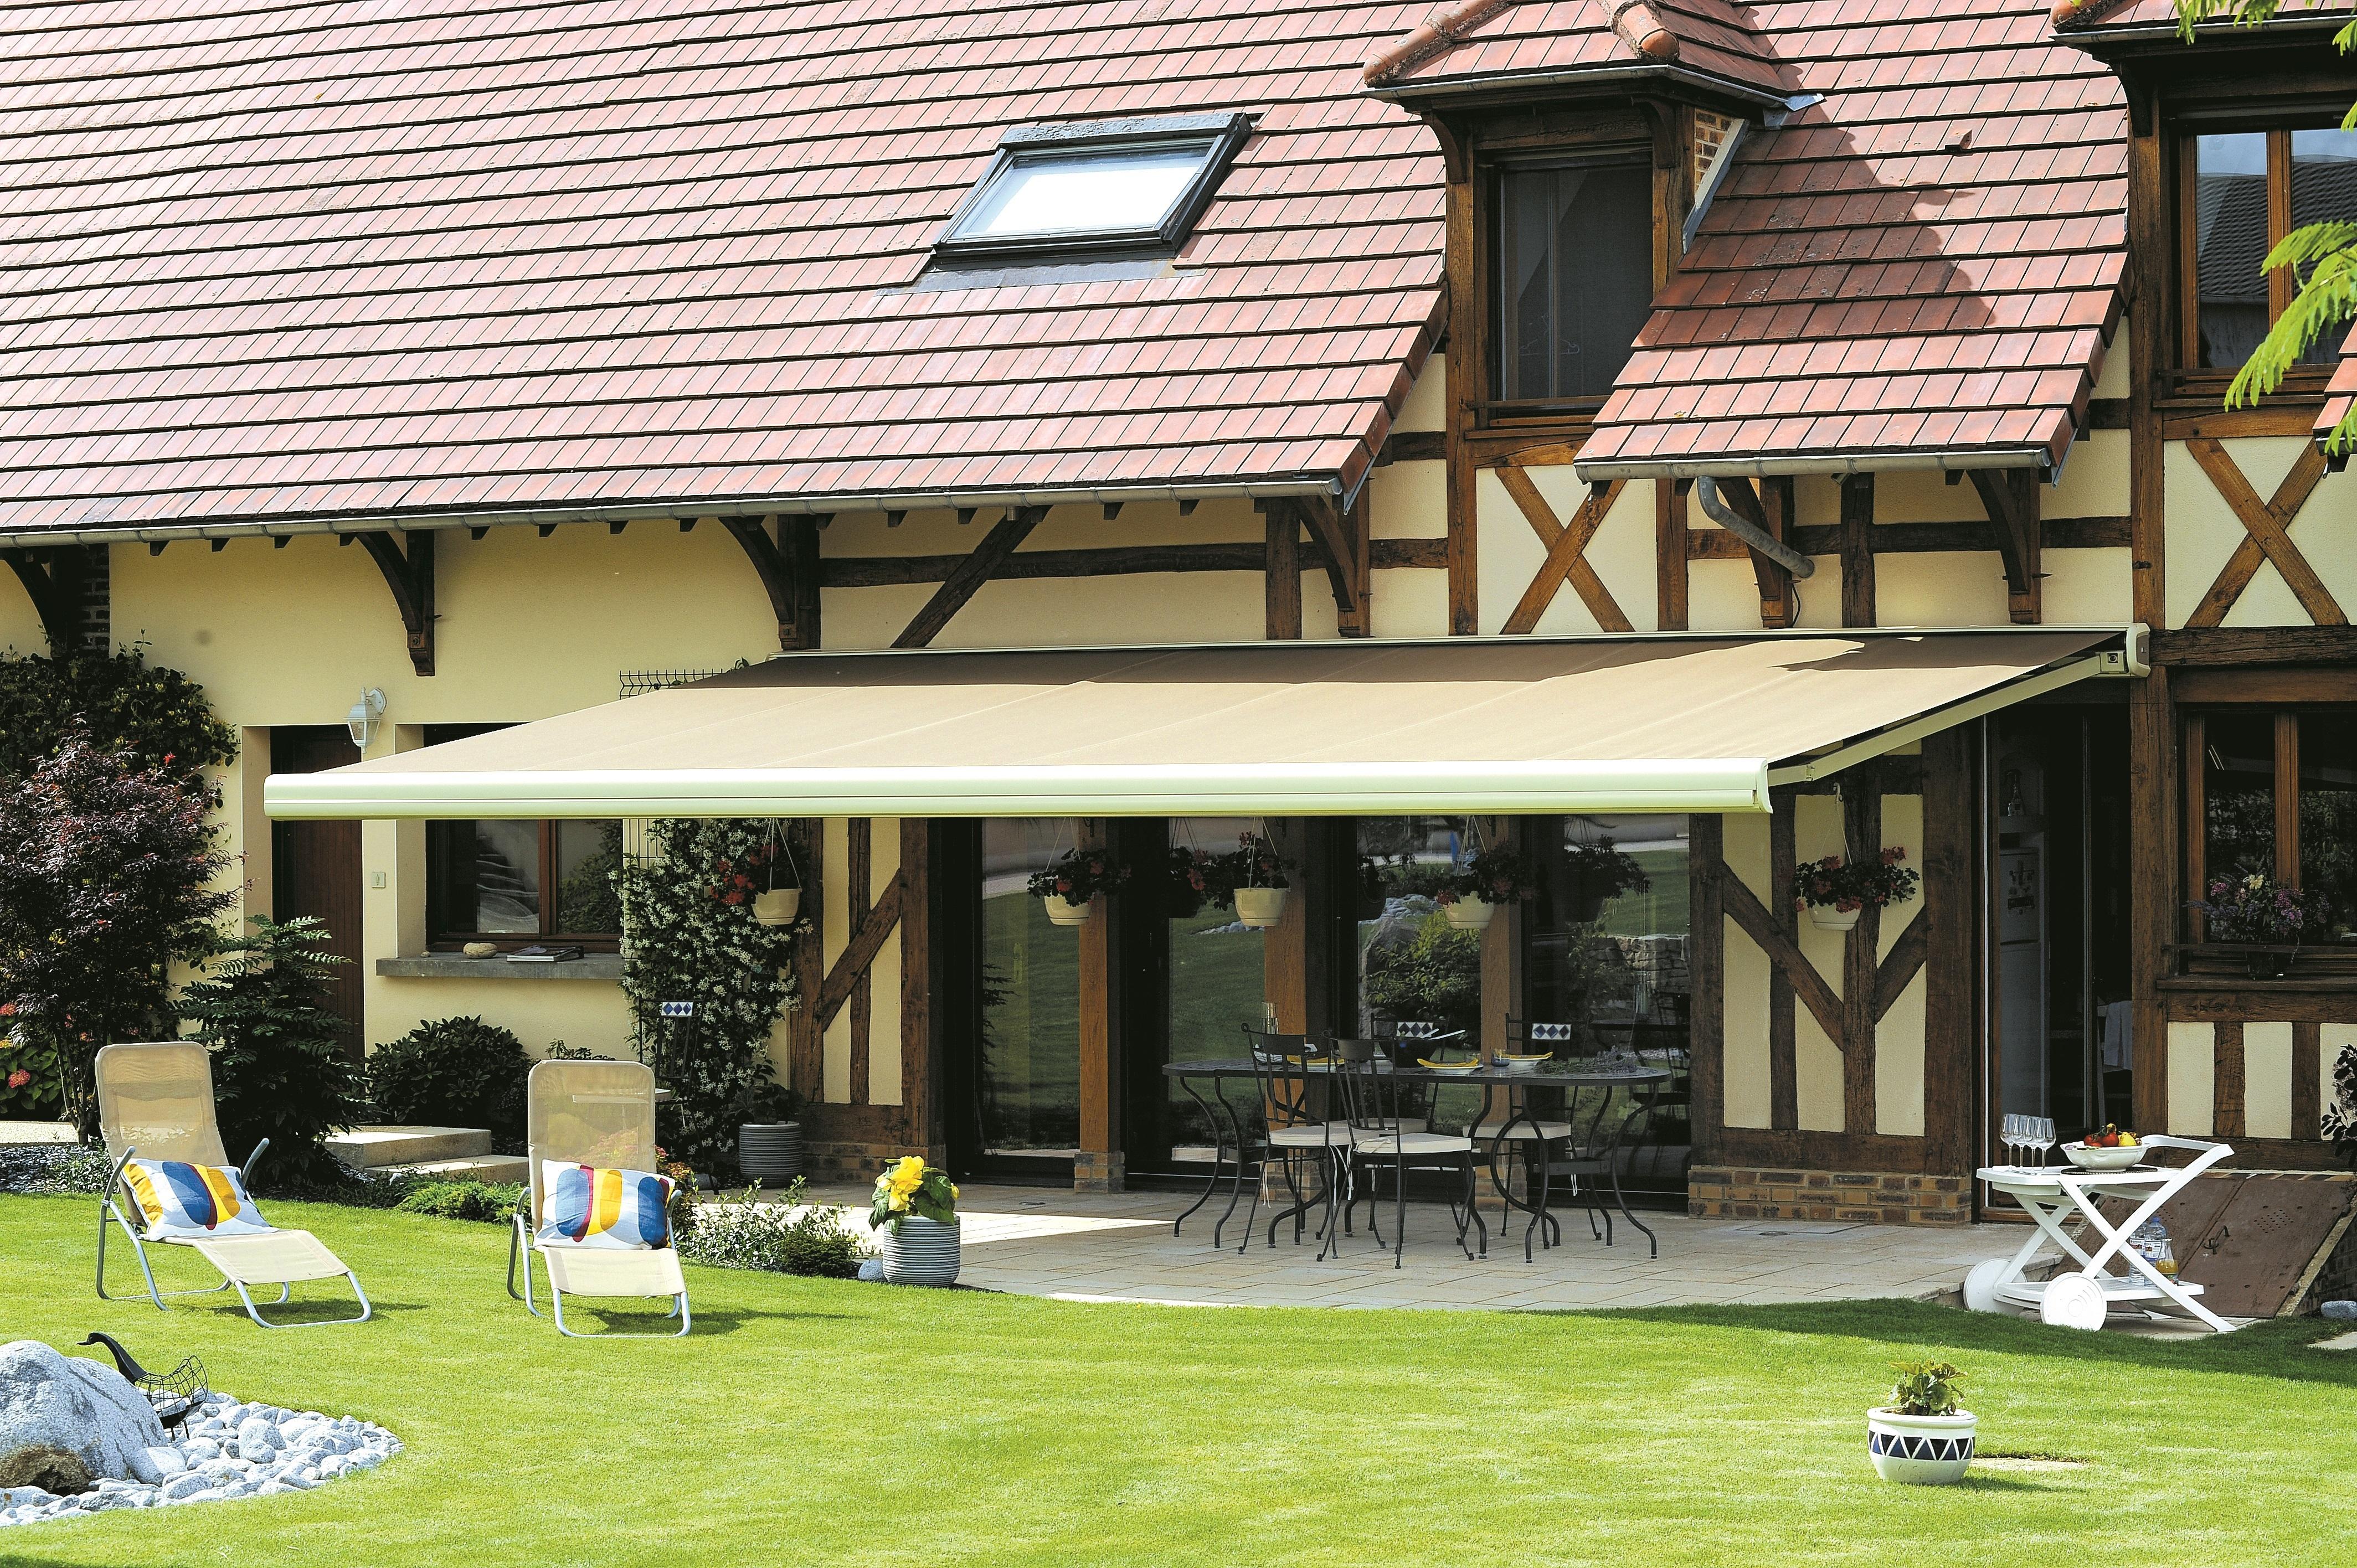 Terrasse Bois Et Fer spécial stores bannes 10 terrasses qui donnent envie d'être